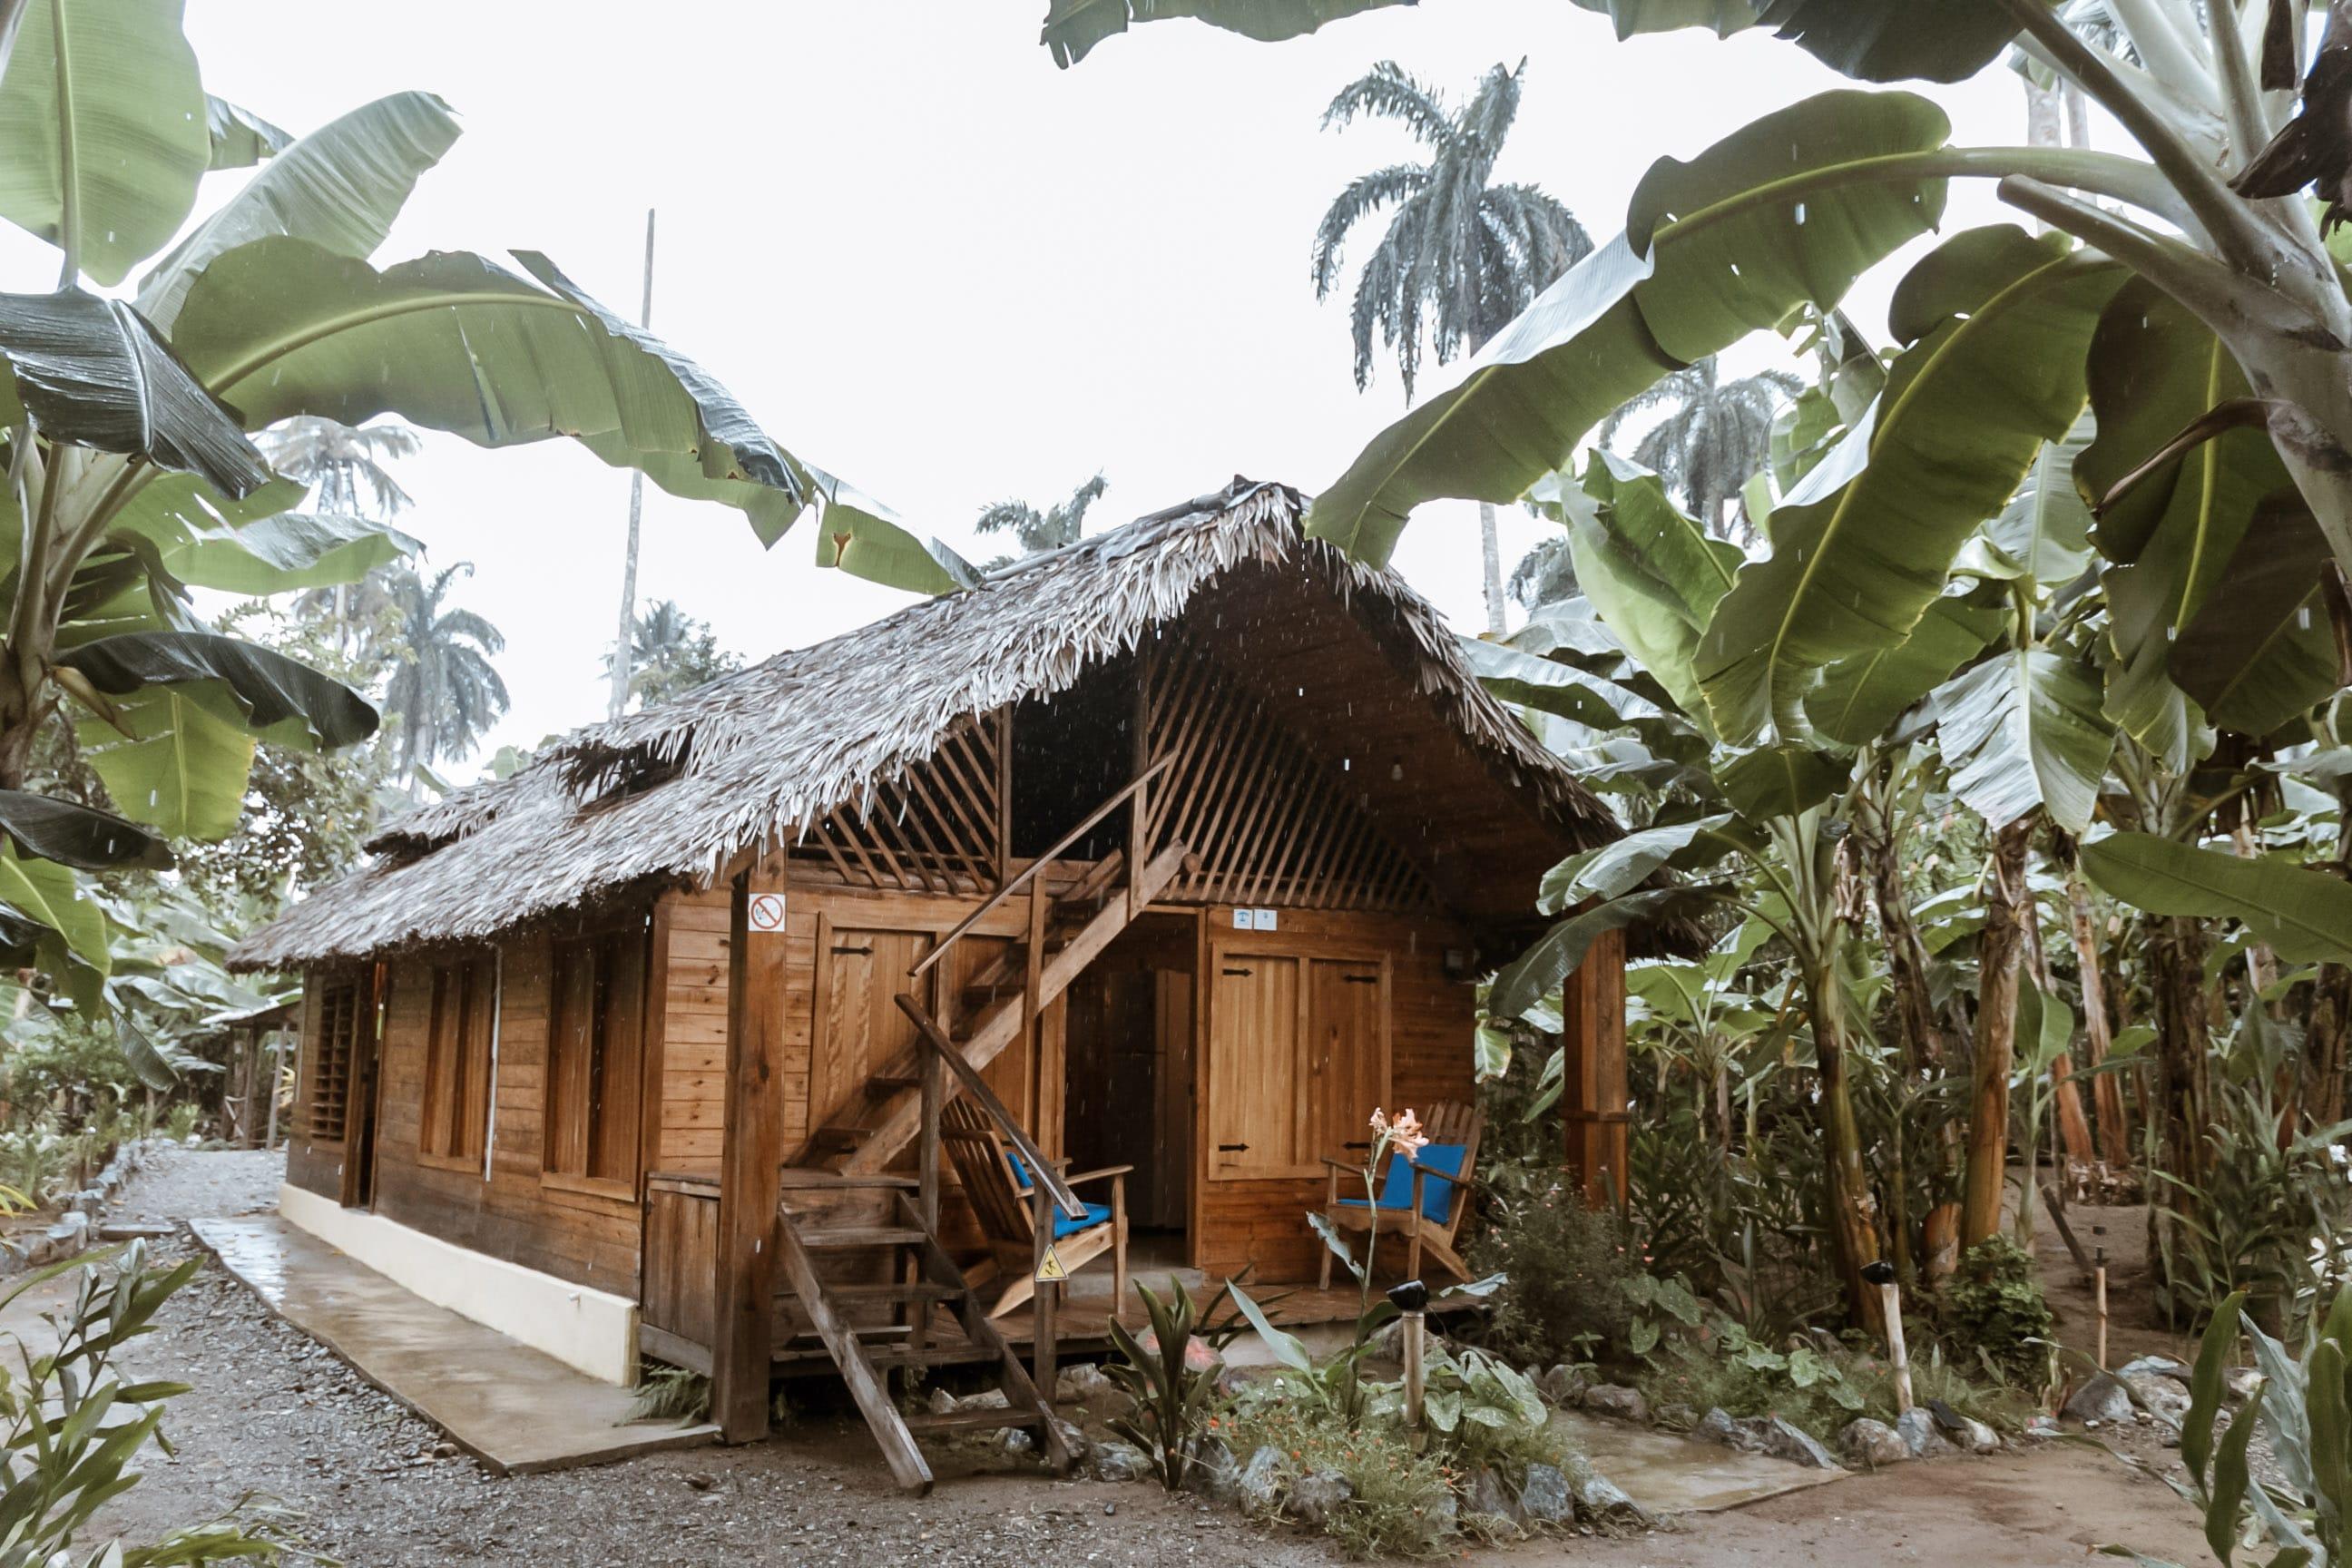 Eine Bungalowhütte in grüner Umgebung in Kuba